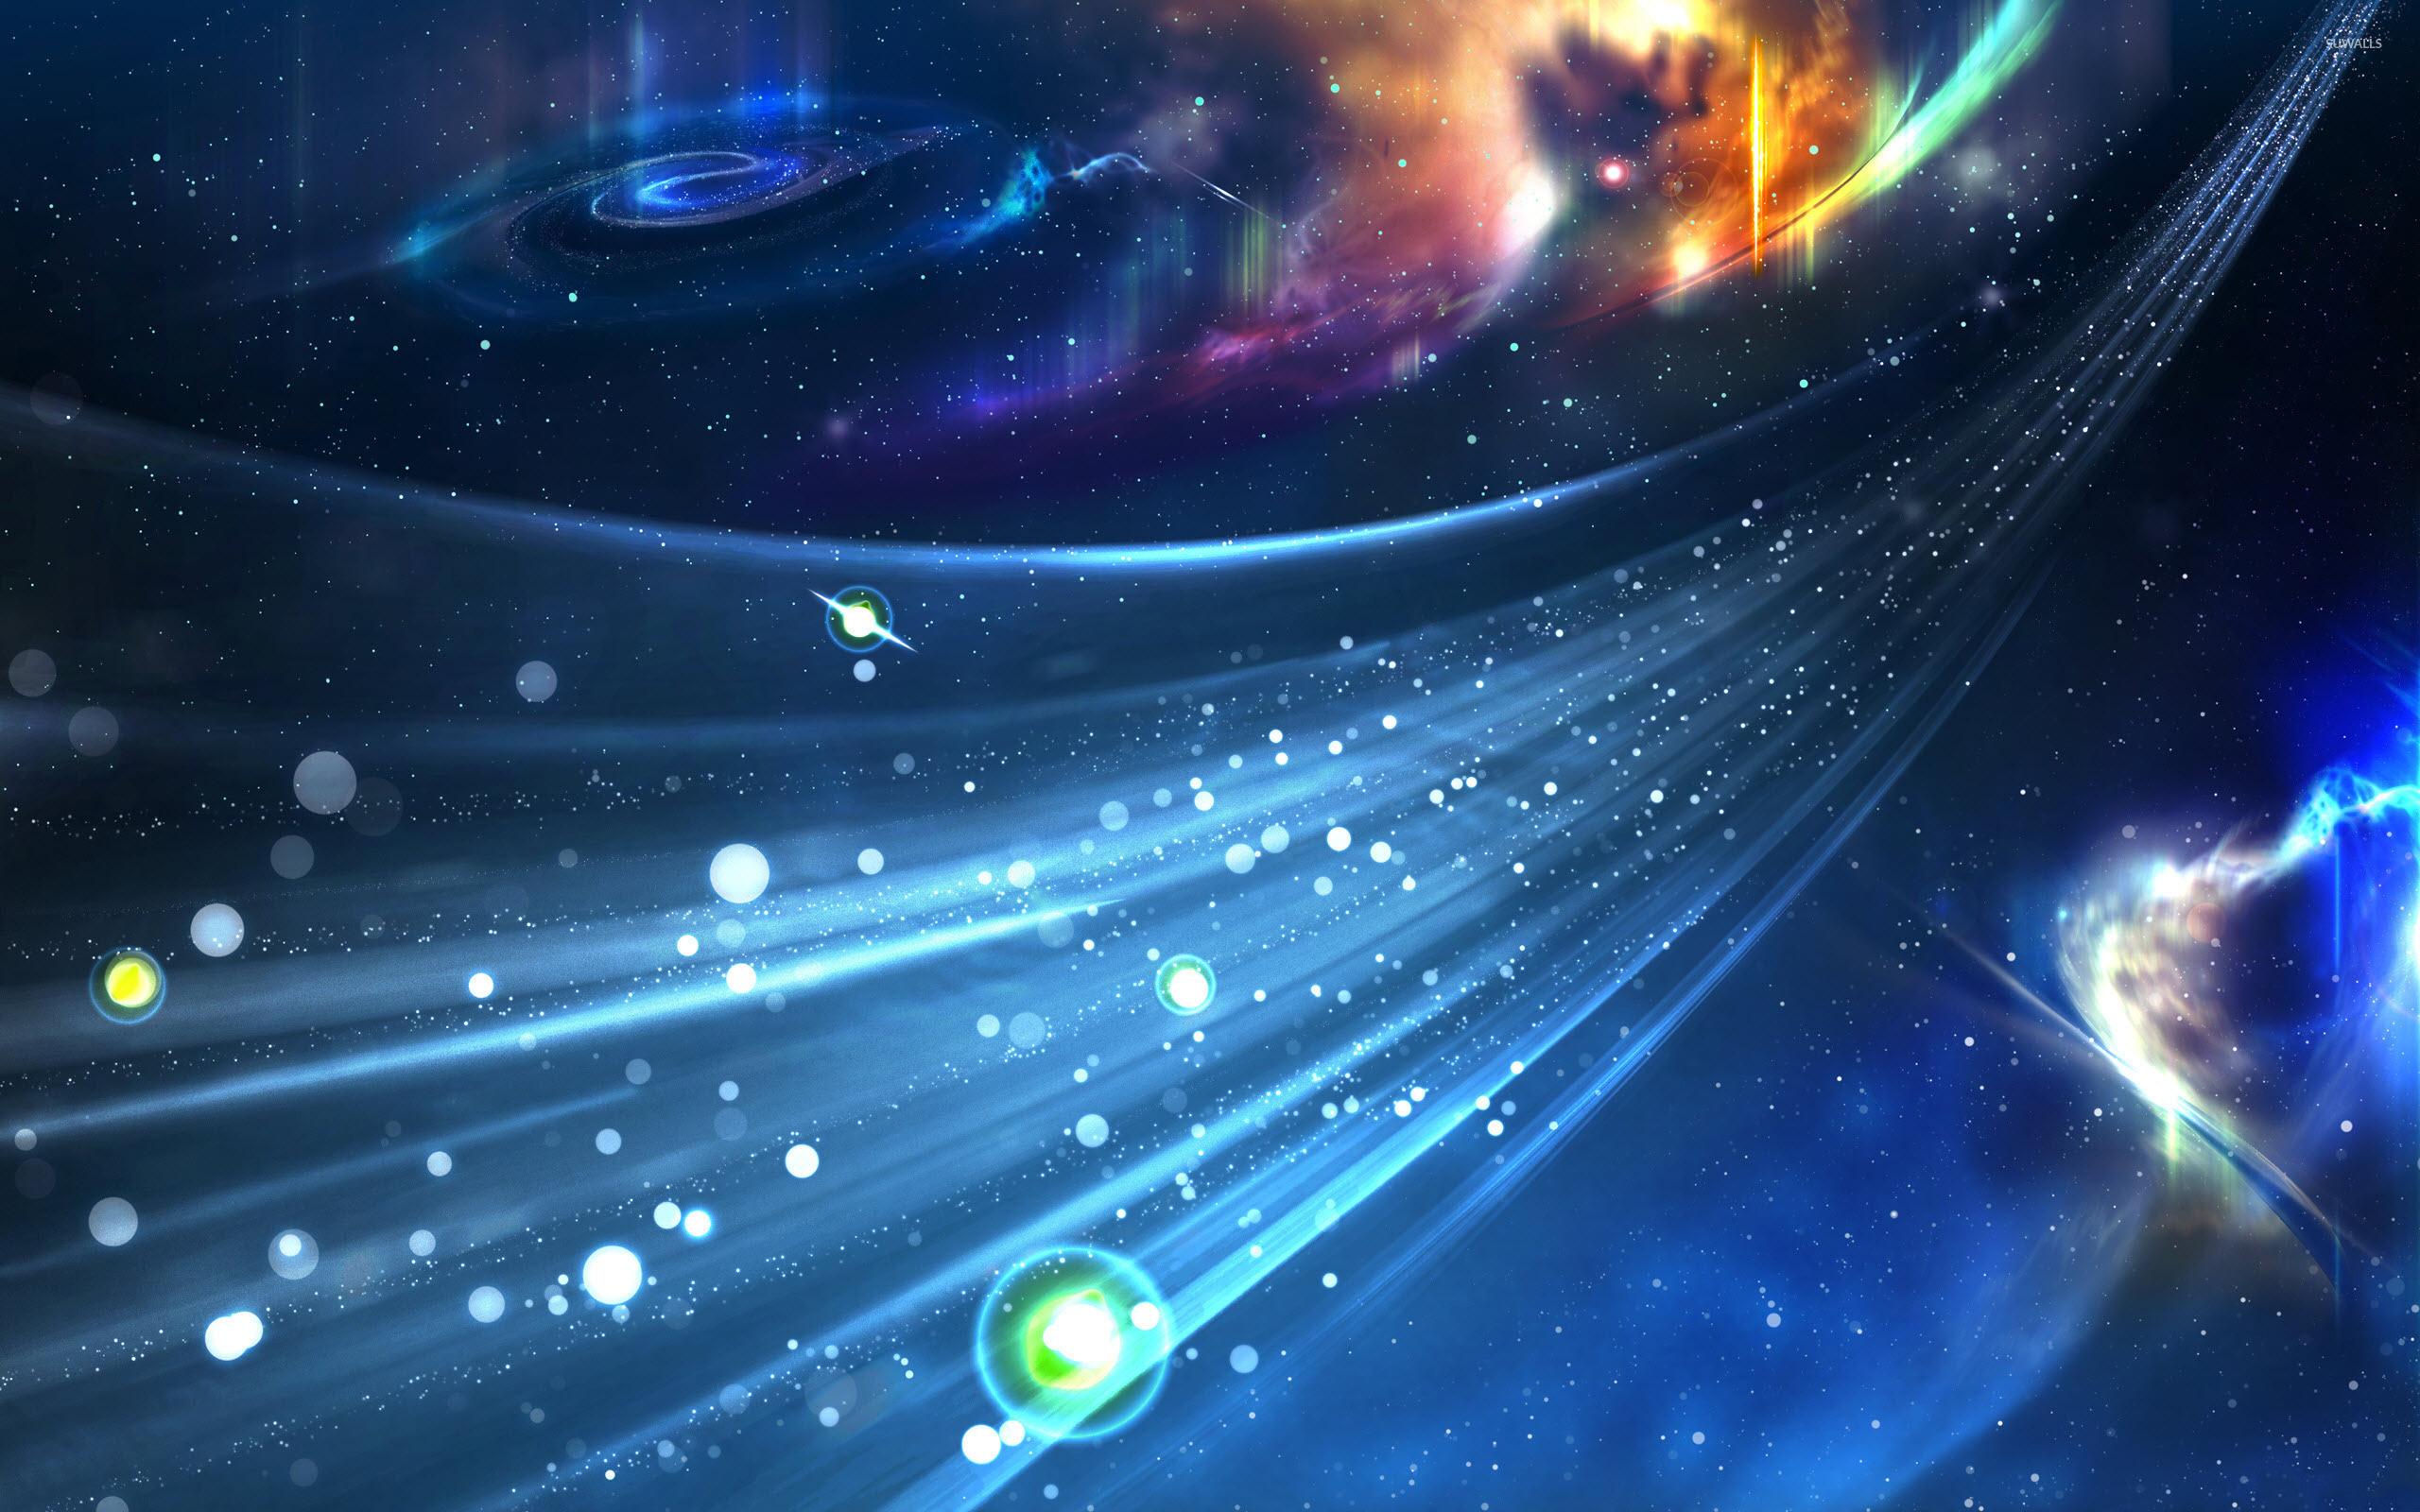 Bright Universe Wallpaper